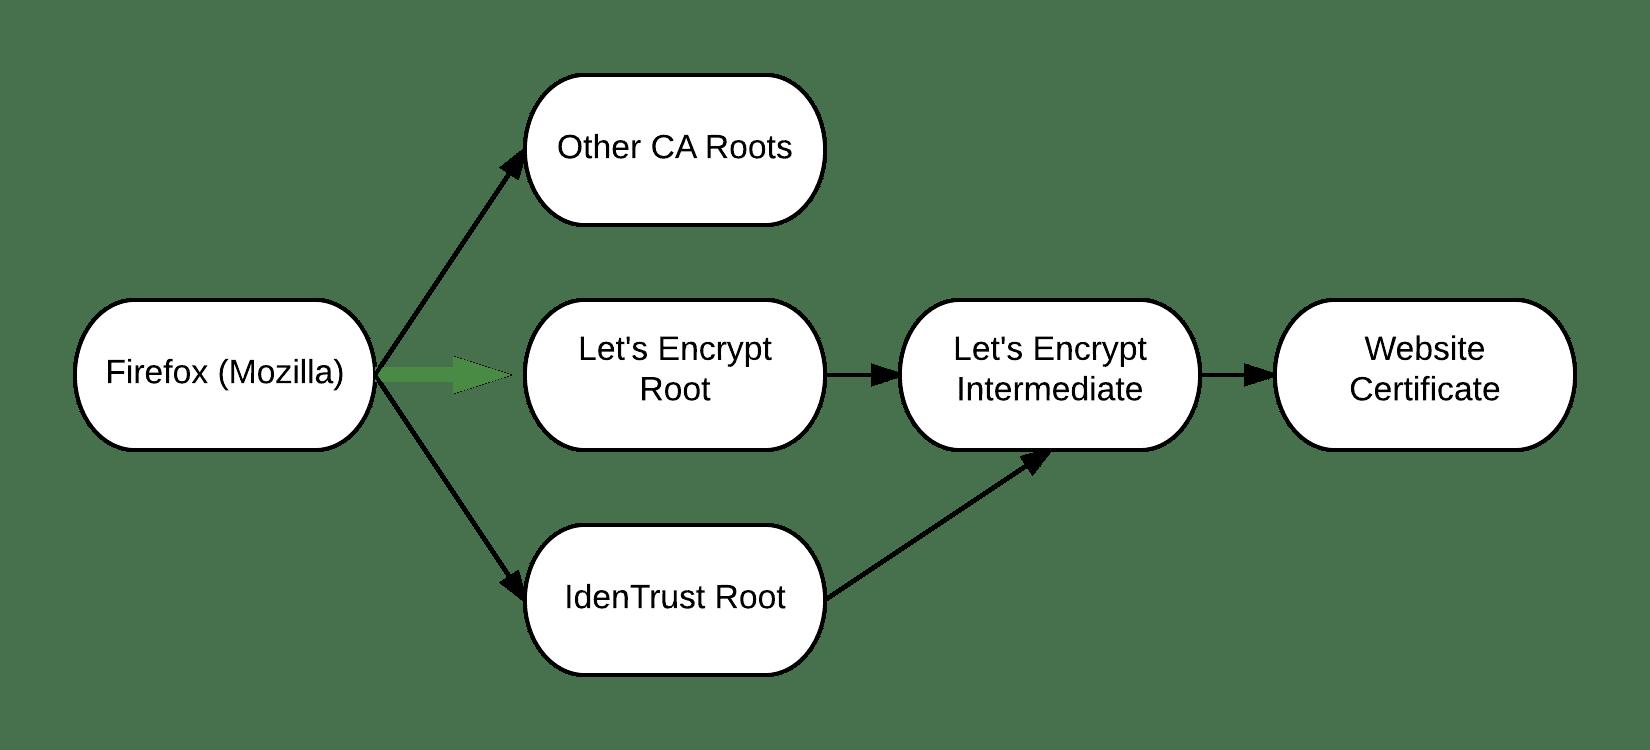 Damit Firefox 50 der Root-CA von Let's Encrypt standardmäßig vertraut, springt die renommierte Zertifizierungsstelle IdenTrust als Bürge ein.